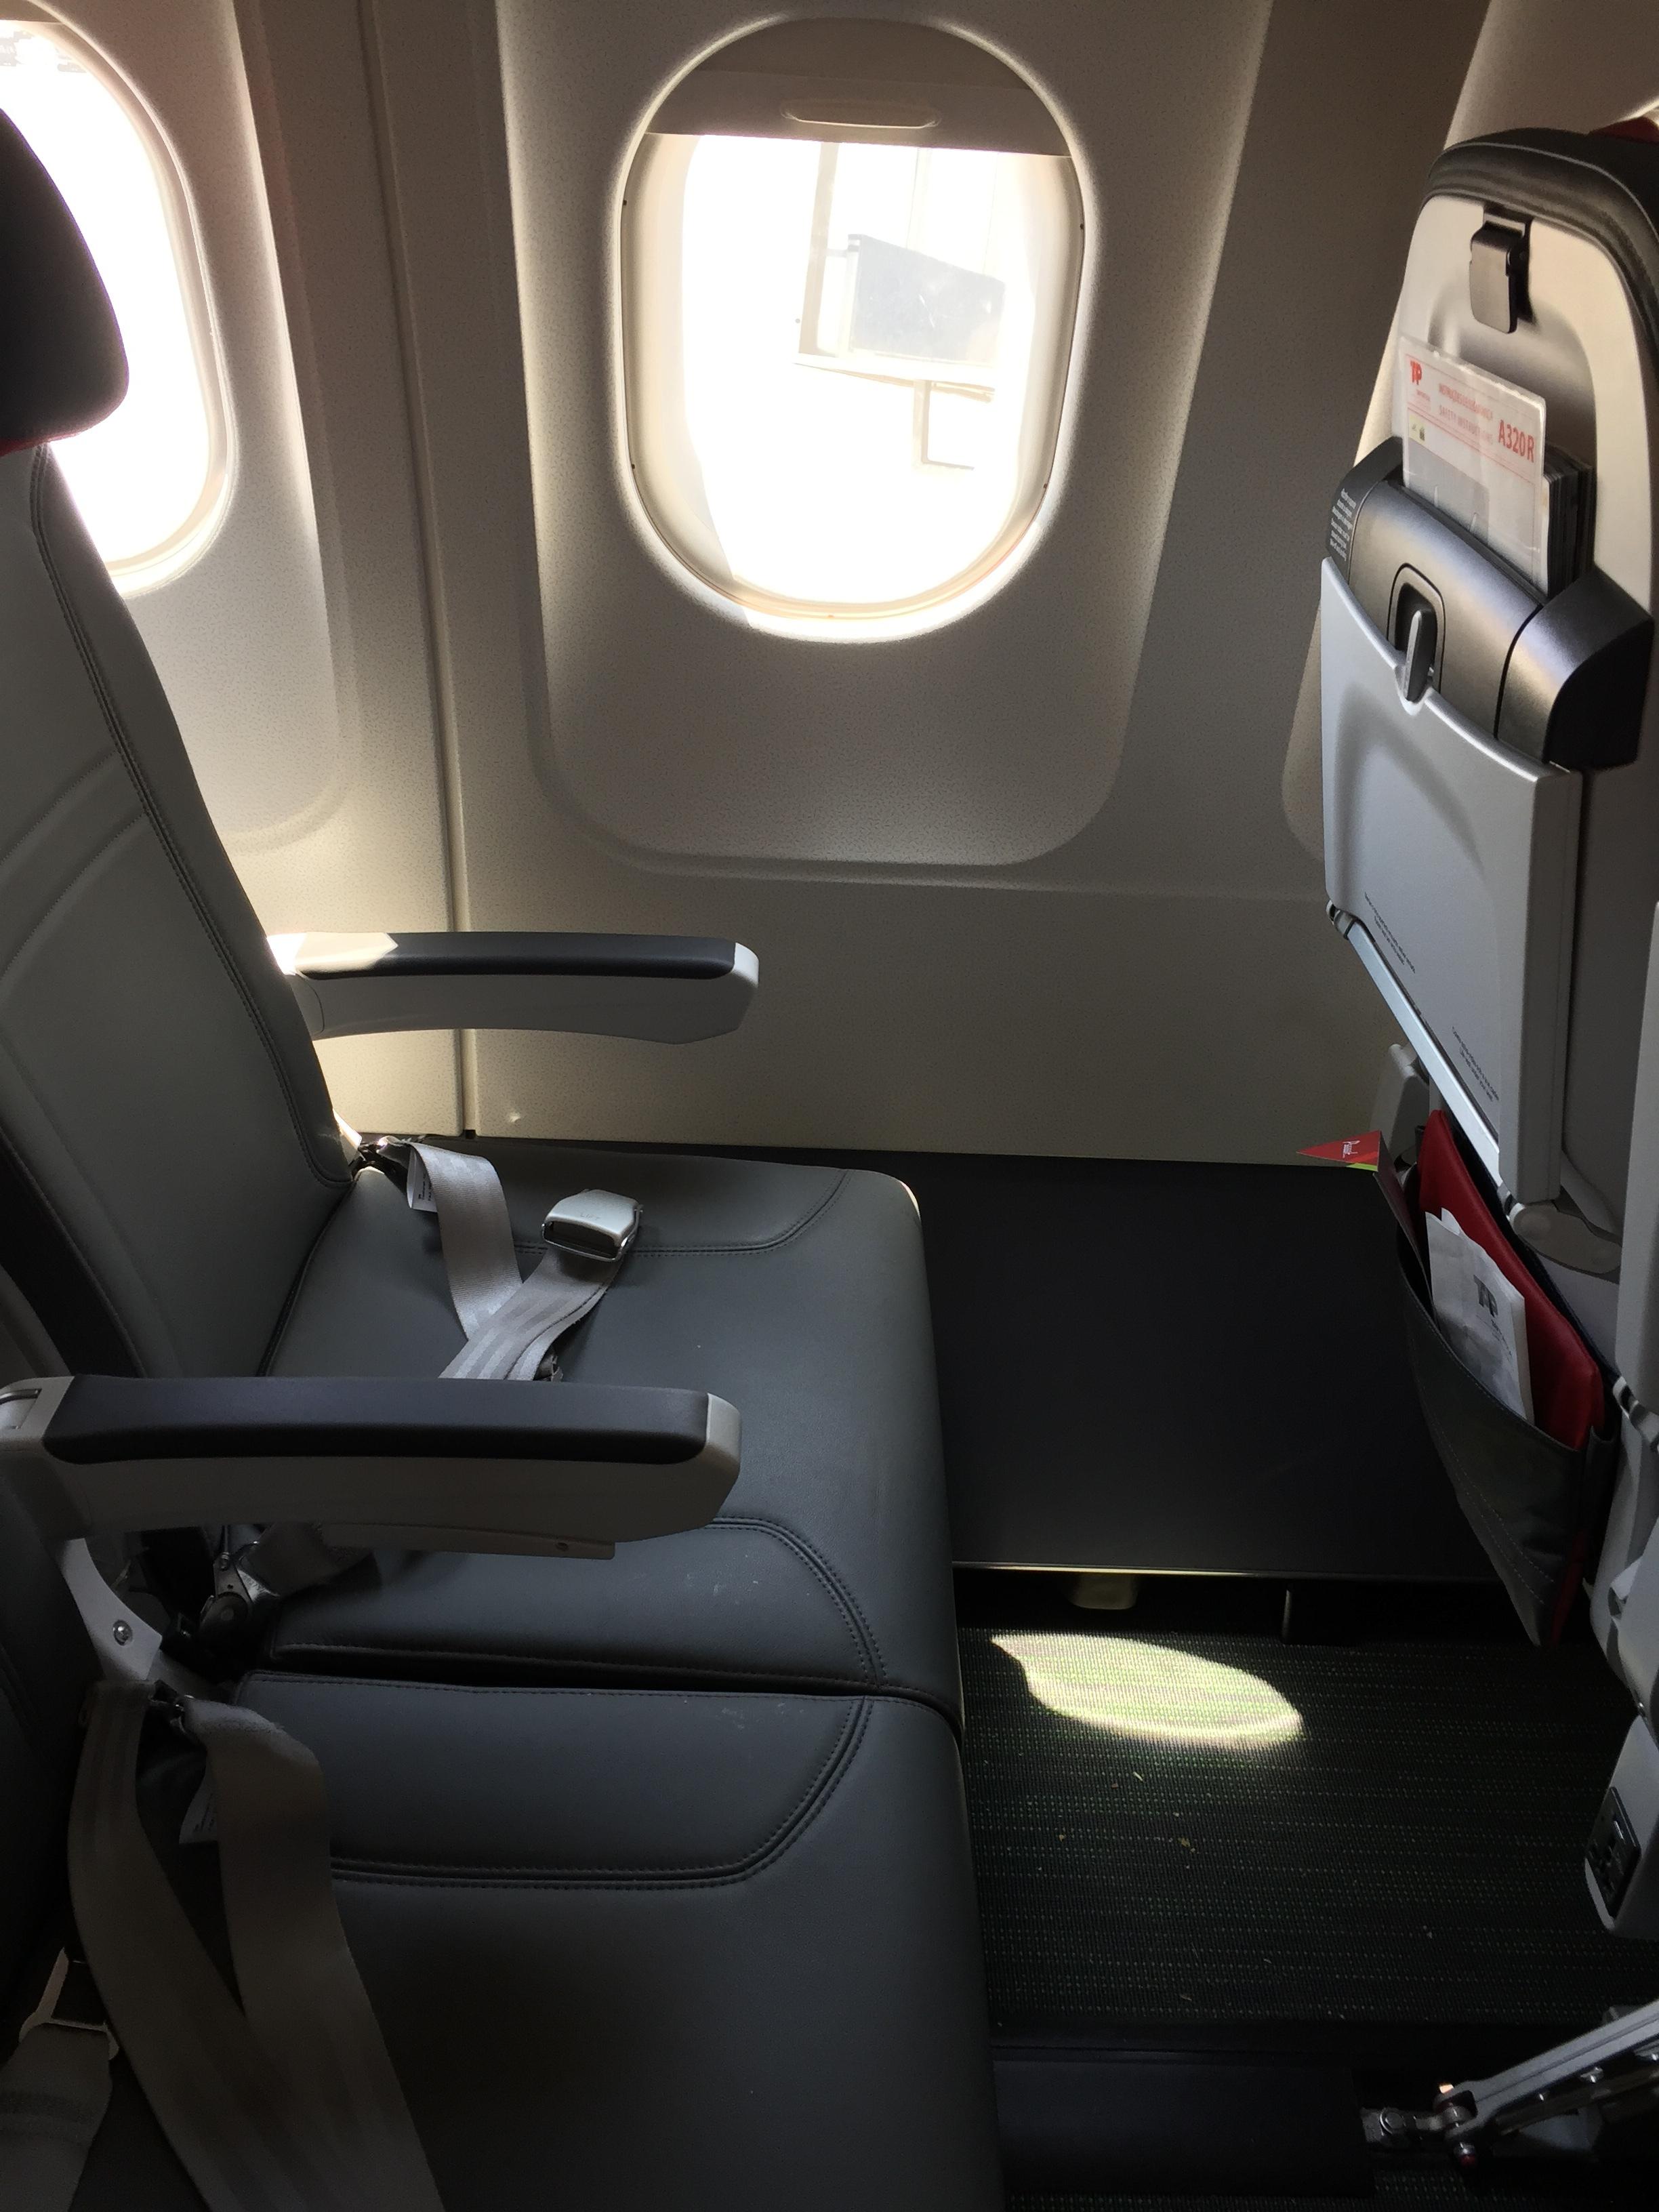 TAP A320 business class seats.JPG